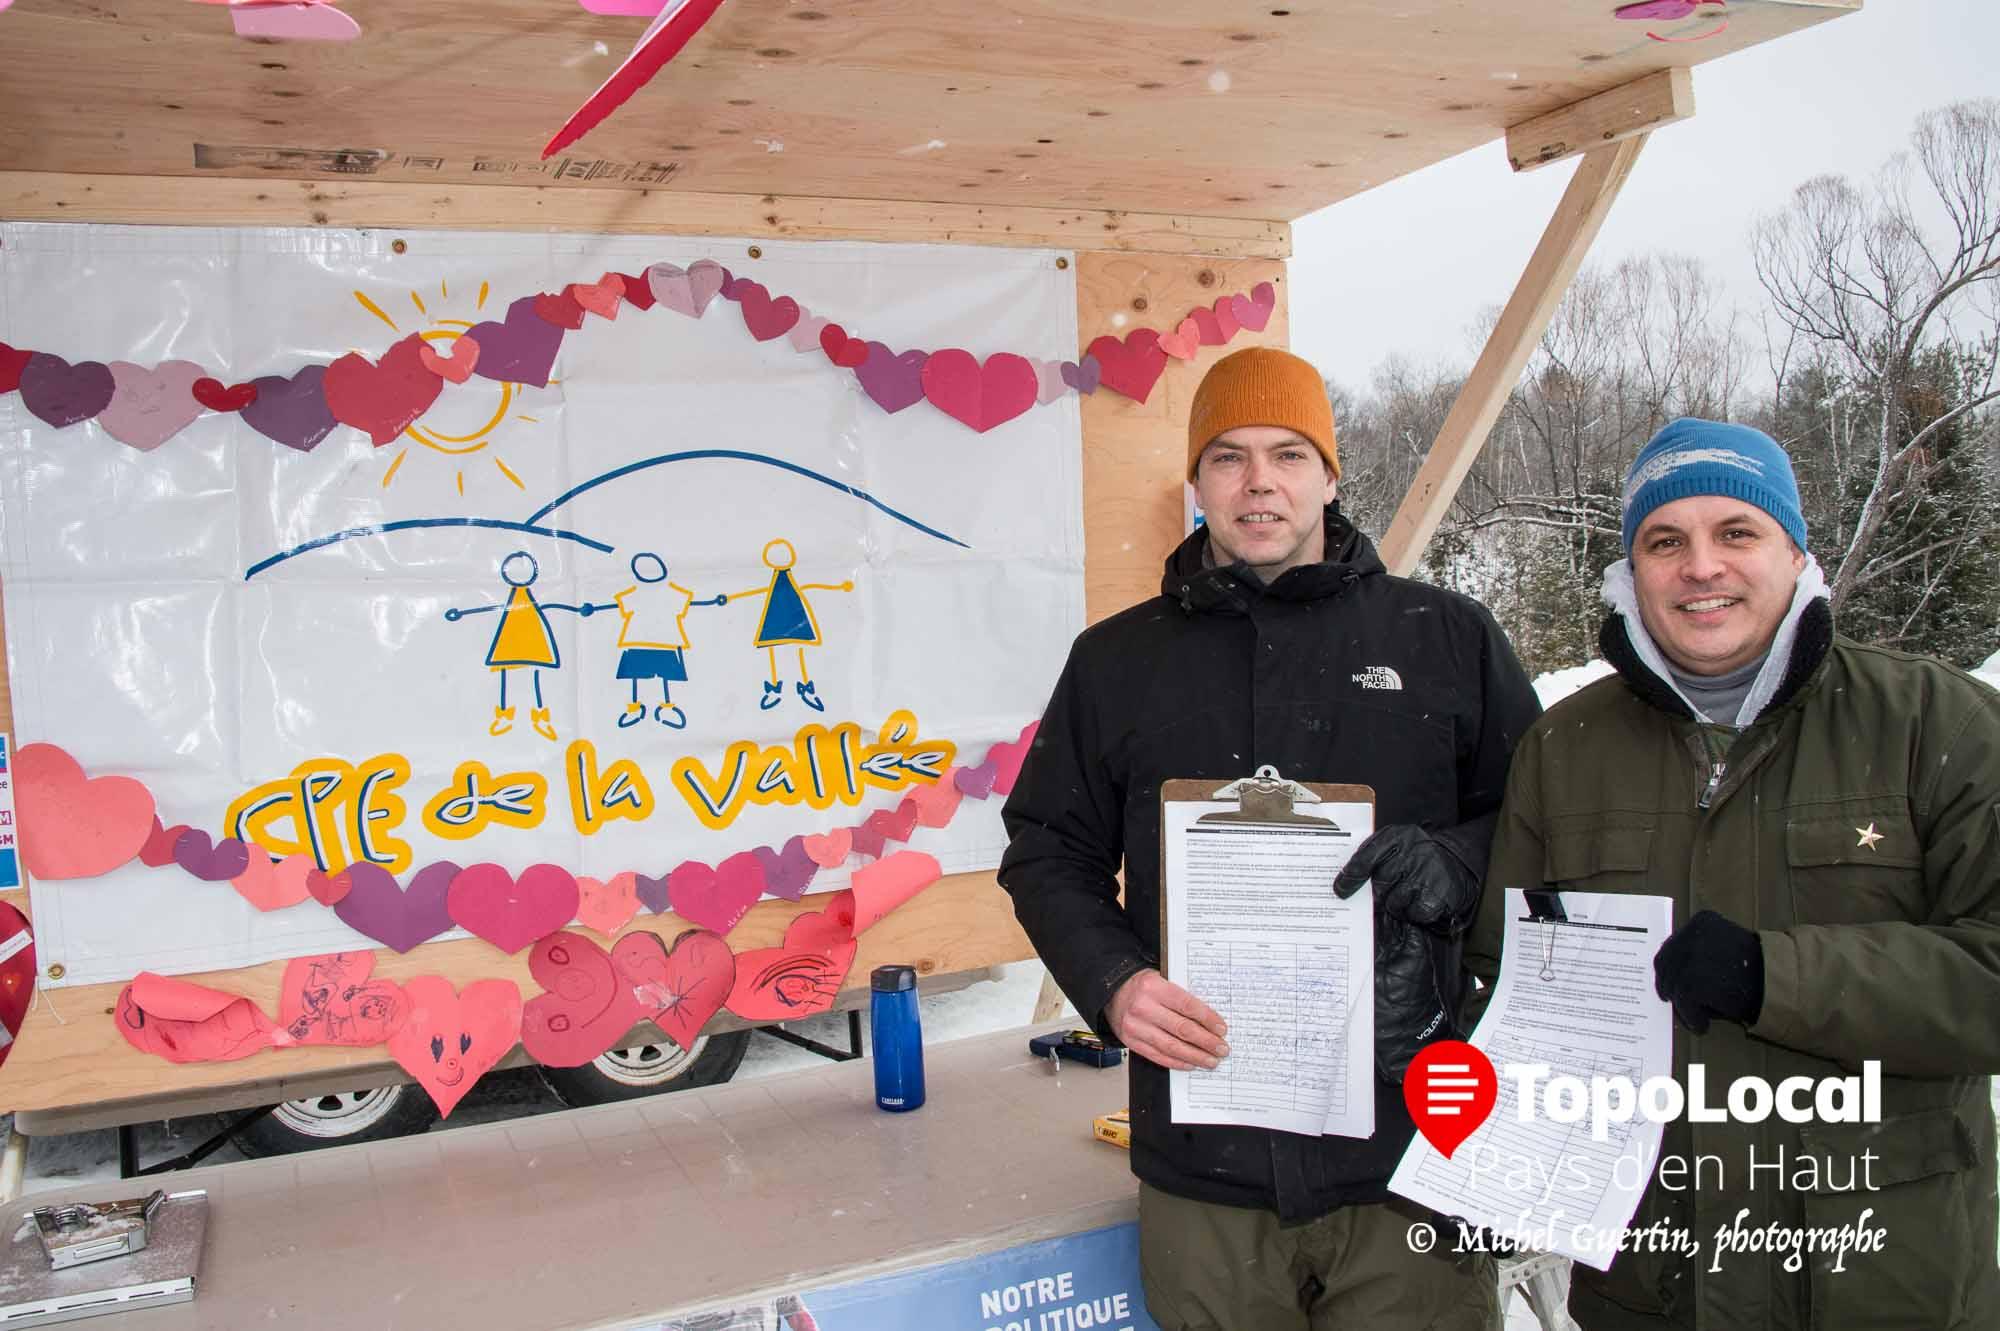 Le CPE de la Vallée était sur place et Alexandre Beaulne-Monette et Frédéric Deschênes demandaient aux gens présent de signer une pétition contre les coupures dans les CPE afin de remettre celle-ci au gouvernement provincial.